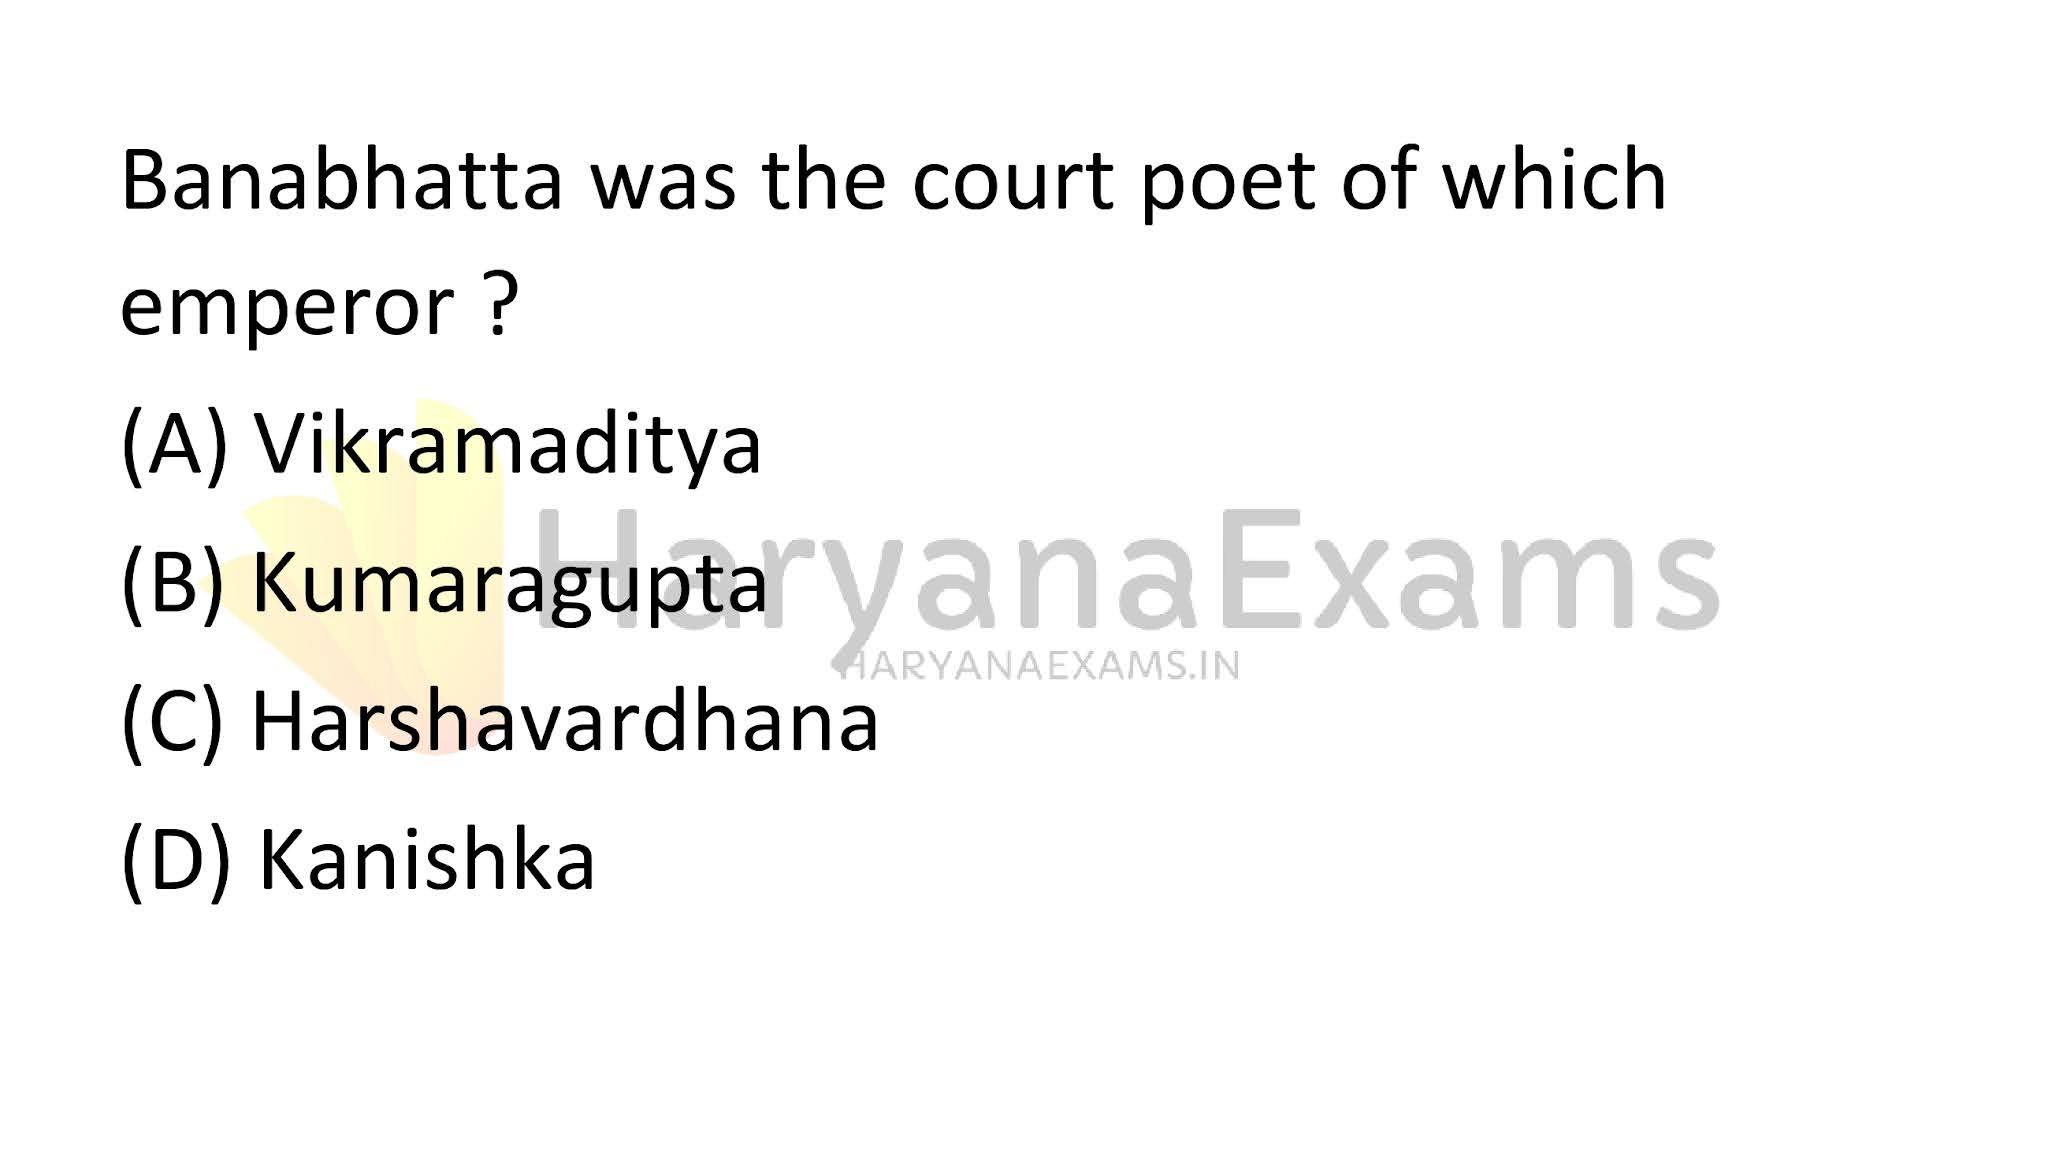 Banabhatta was the court poet of which emperor?  (A) Vikramaditya  (B) Kumaragupta  (C) Harshavardhana  (D) Kanishka